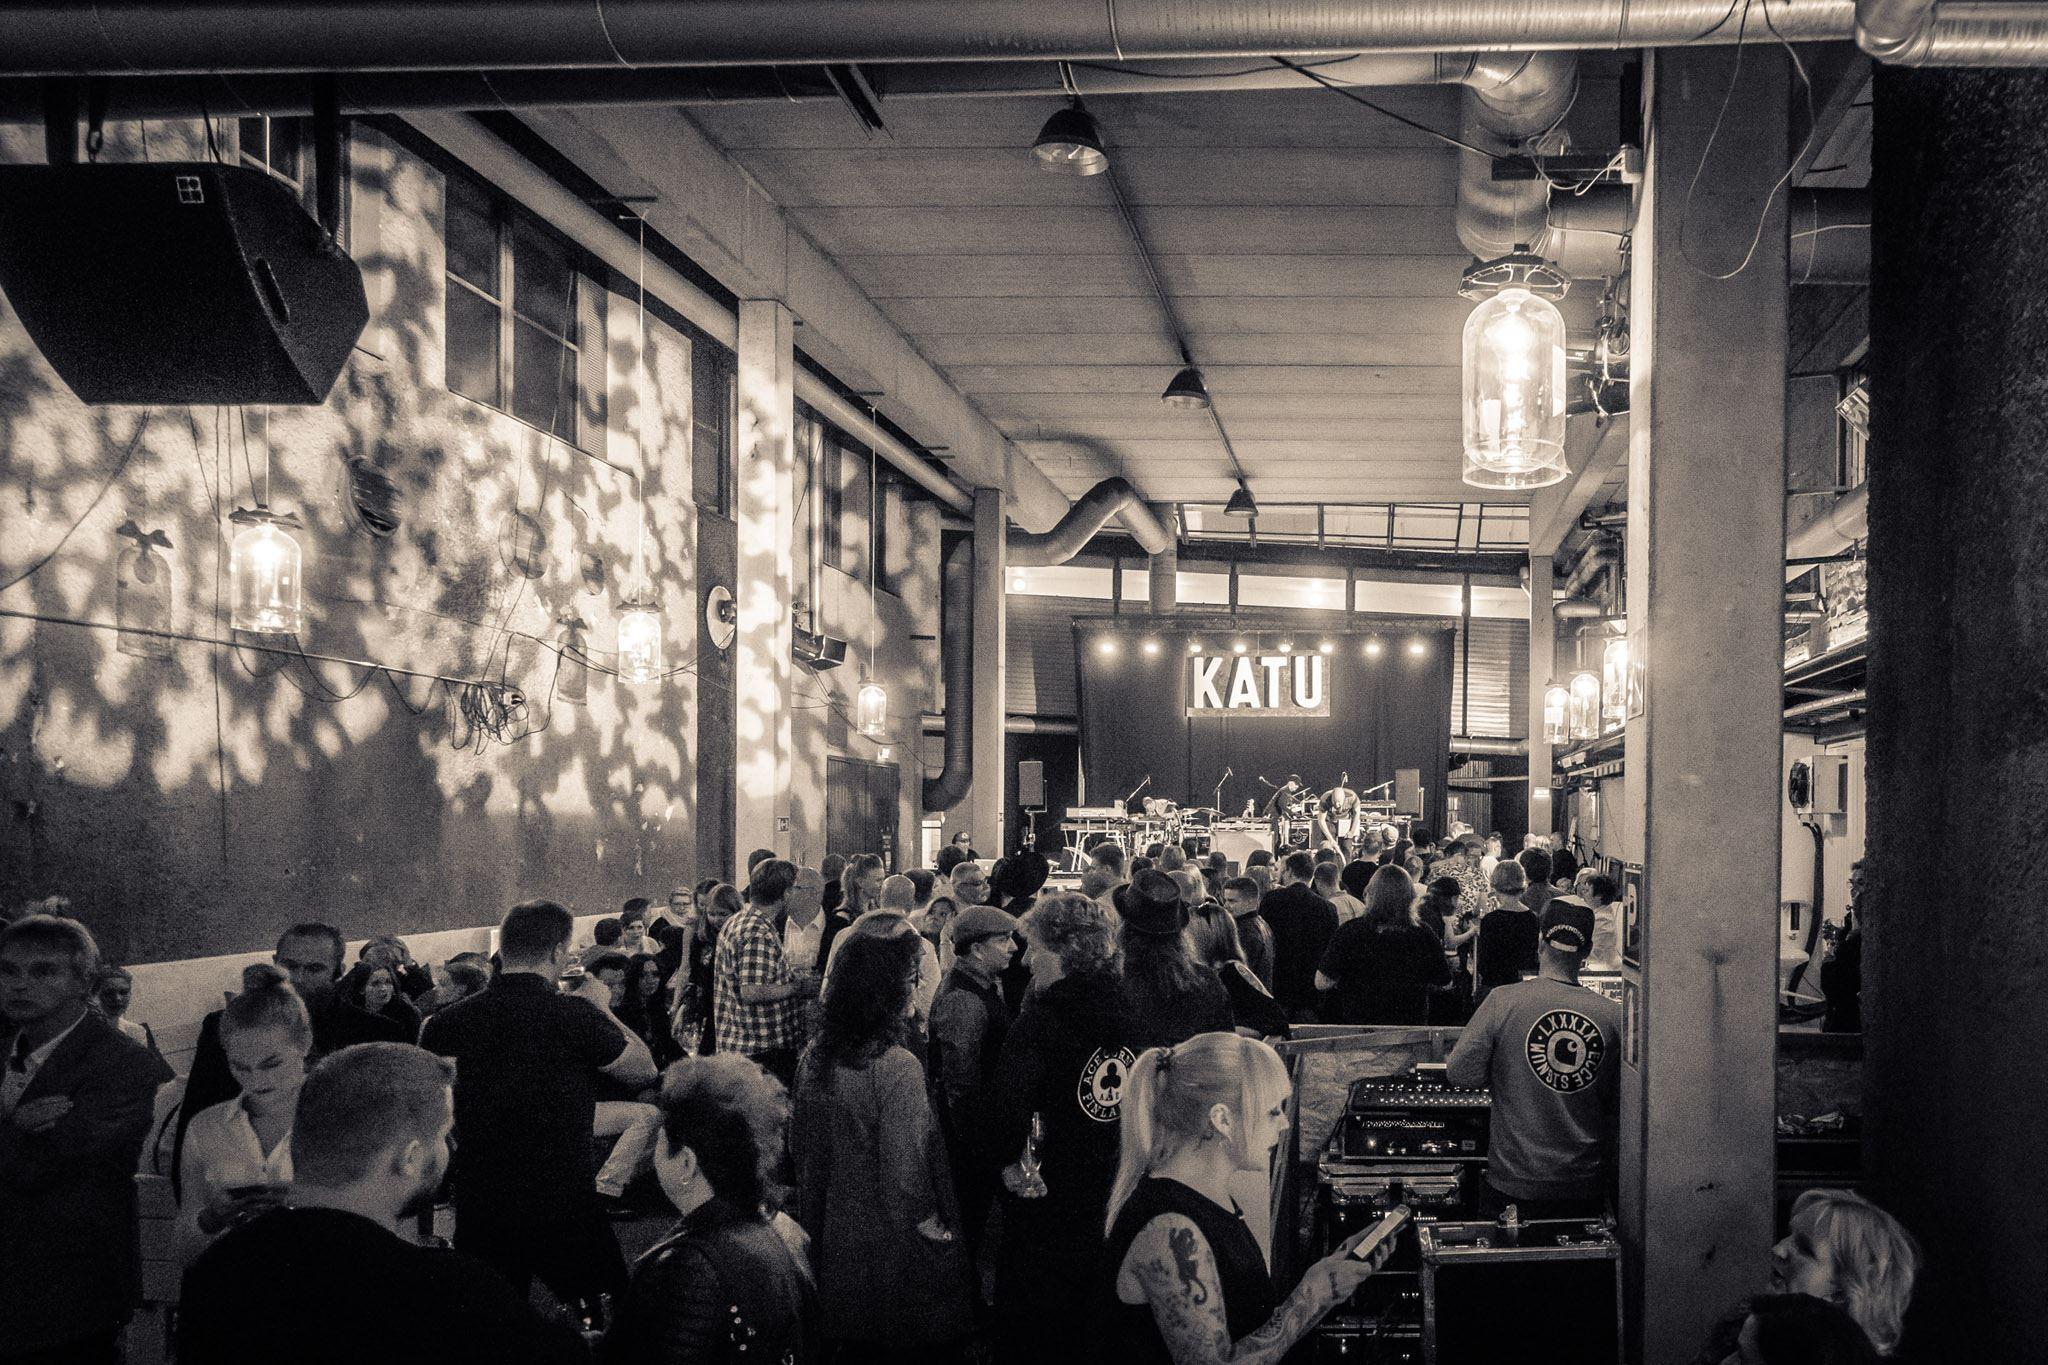 Katu club